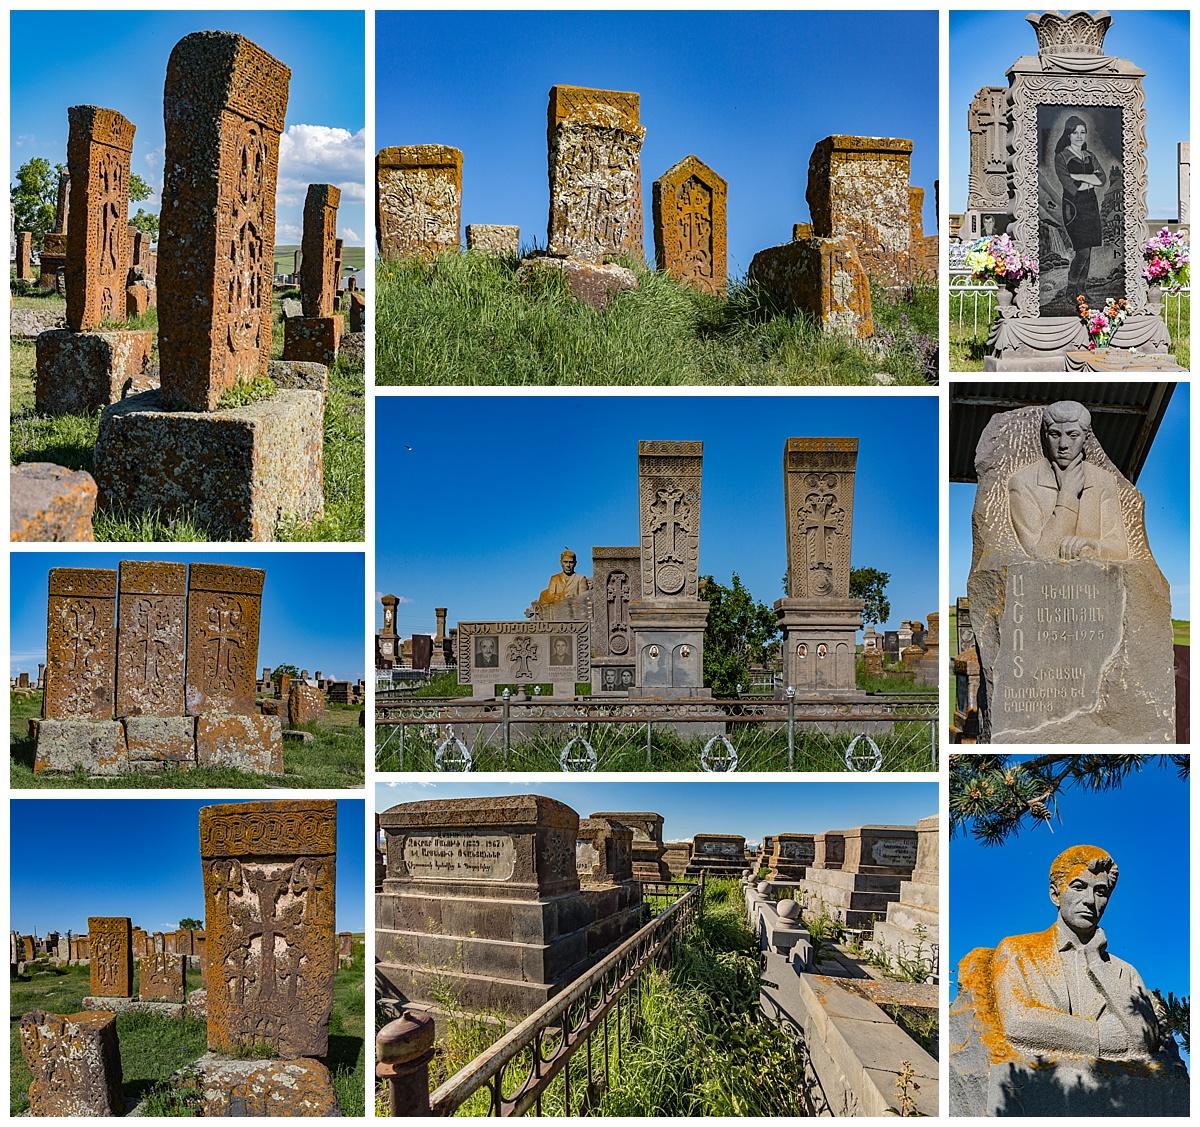 Dilijan, Armenia 4 - Noraduz cemetery